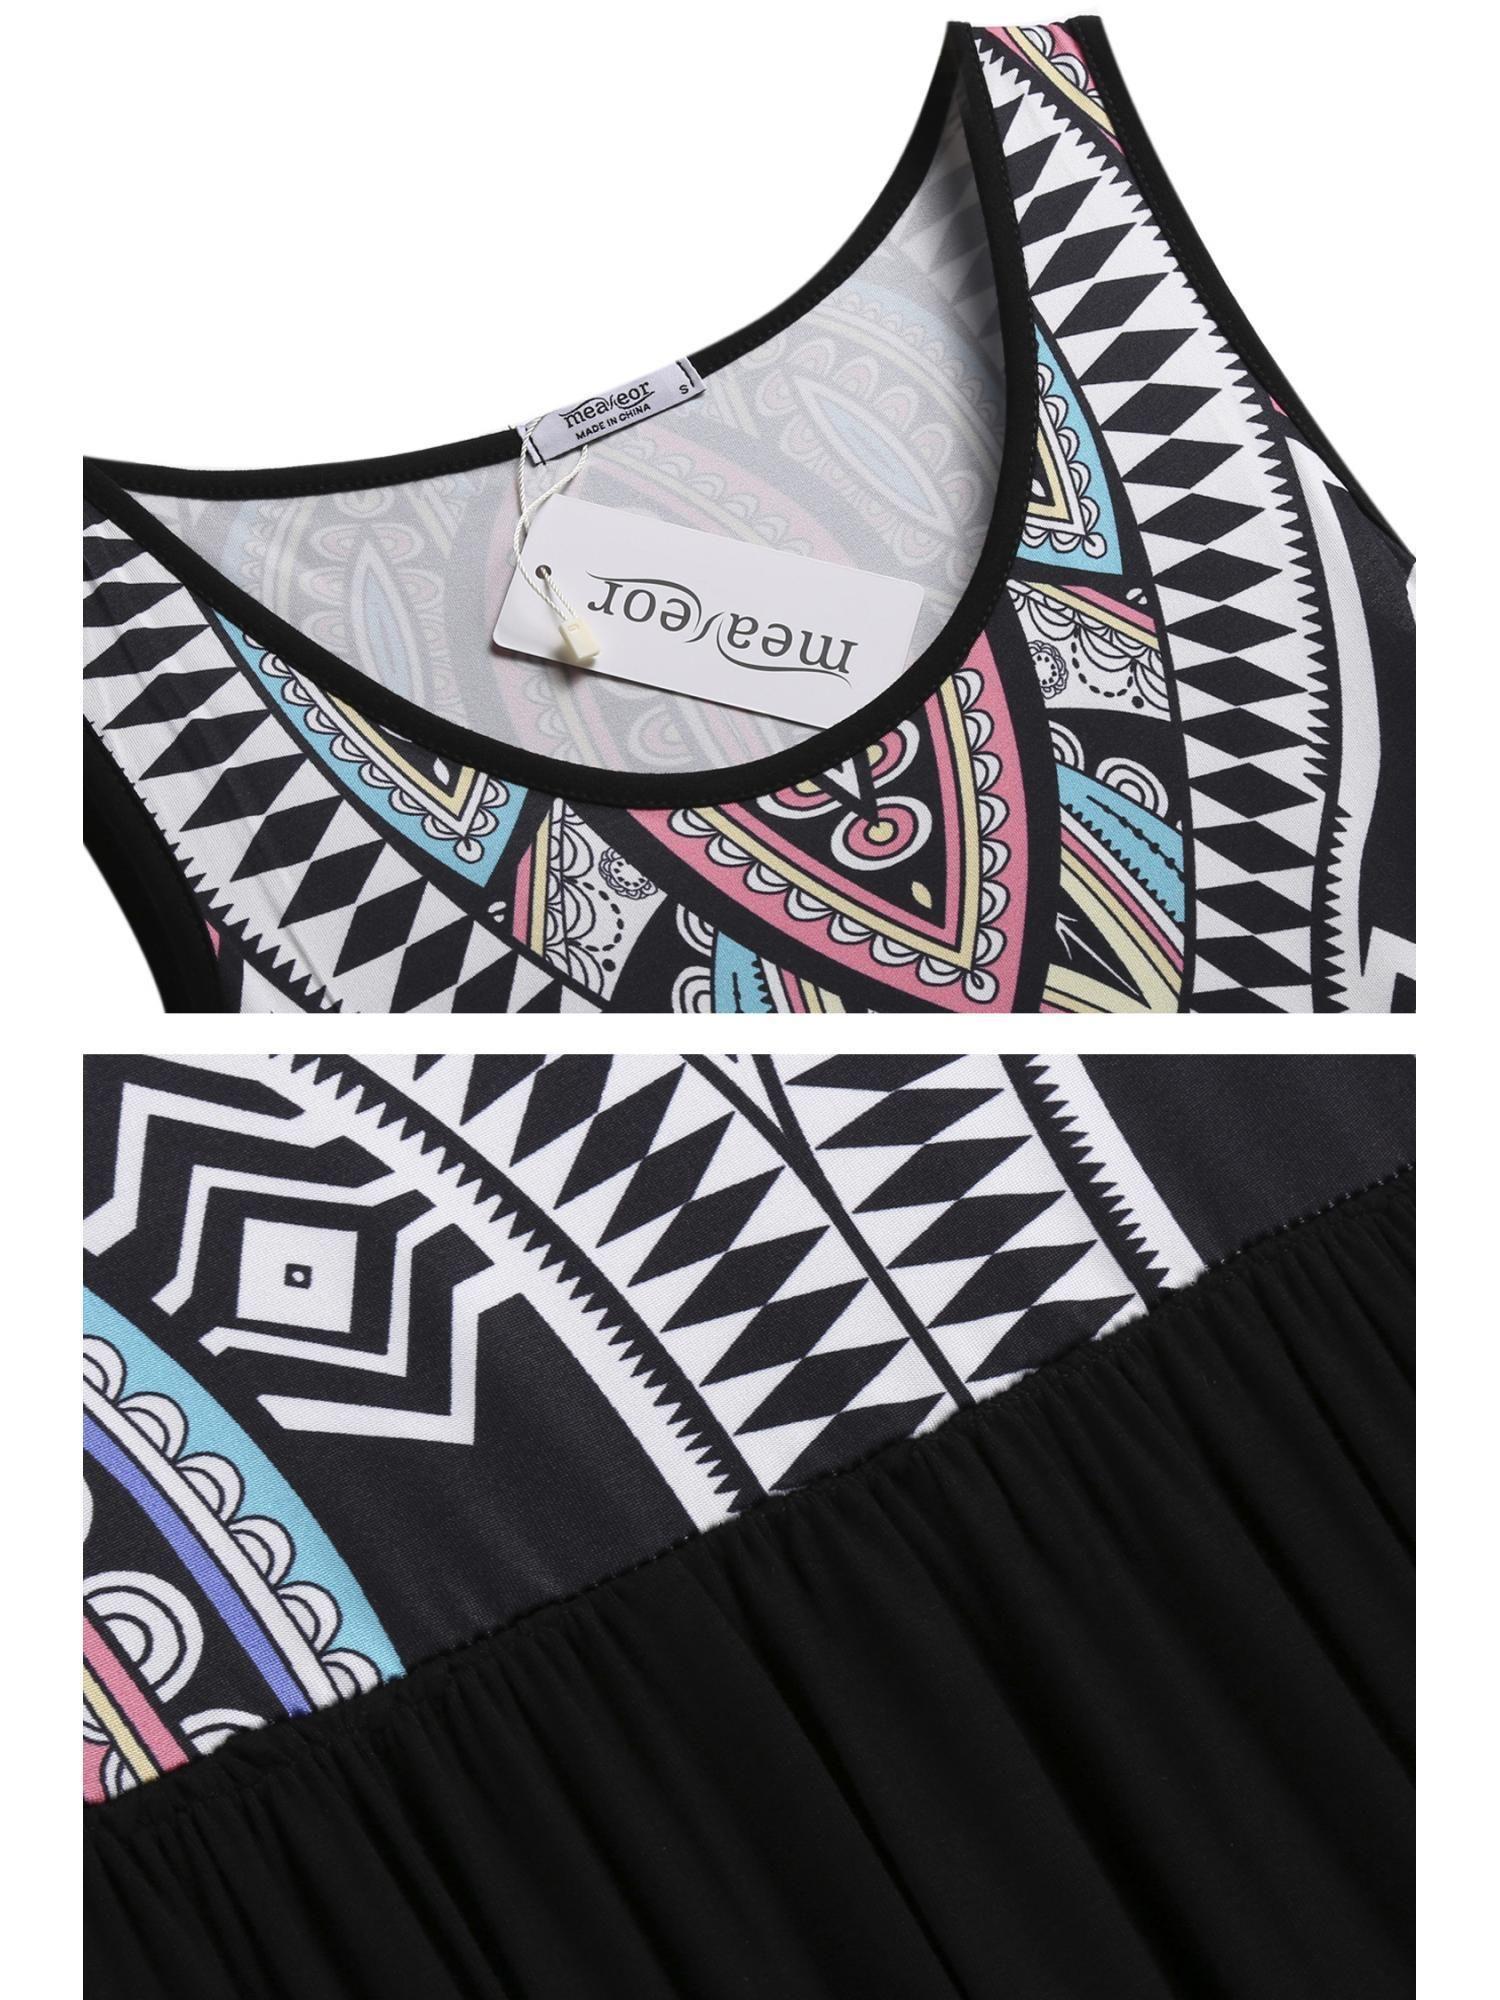 2ff16ed64c8 Women Summer Beach Print Sleeveless Tank Top Long Maxi Dress STDTE Summer